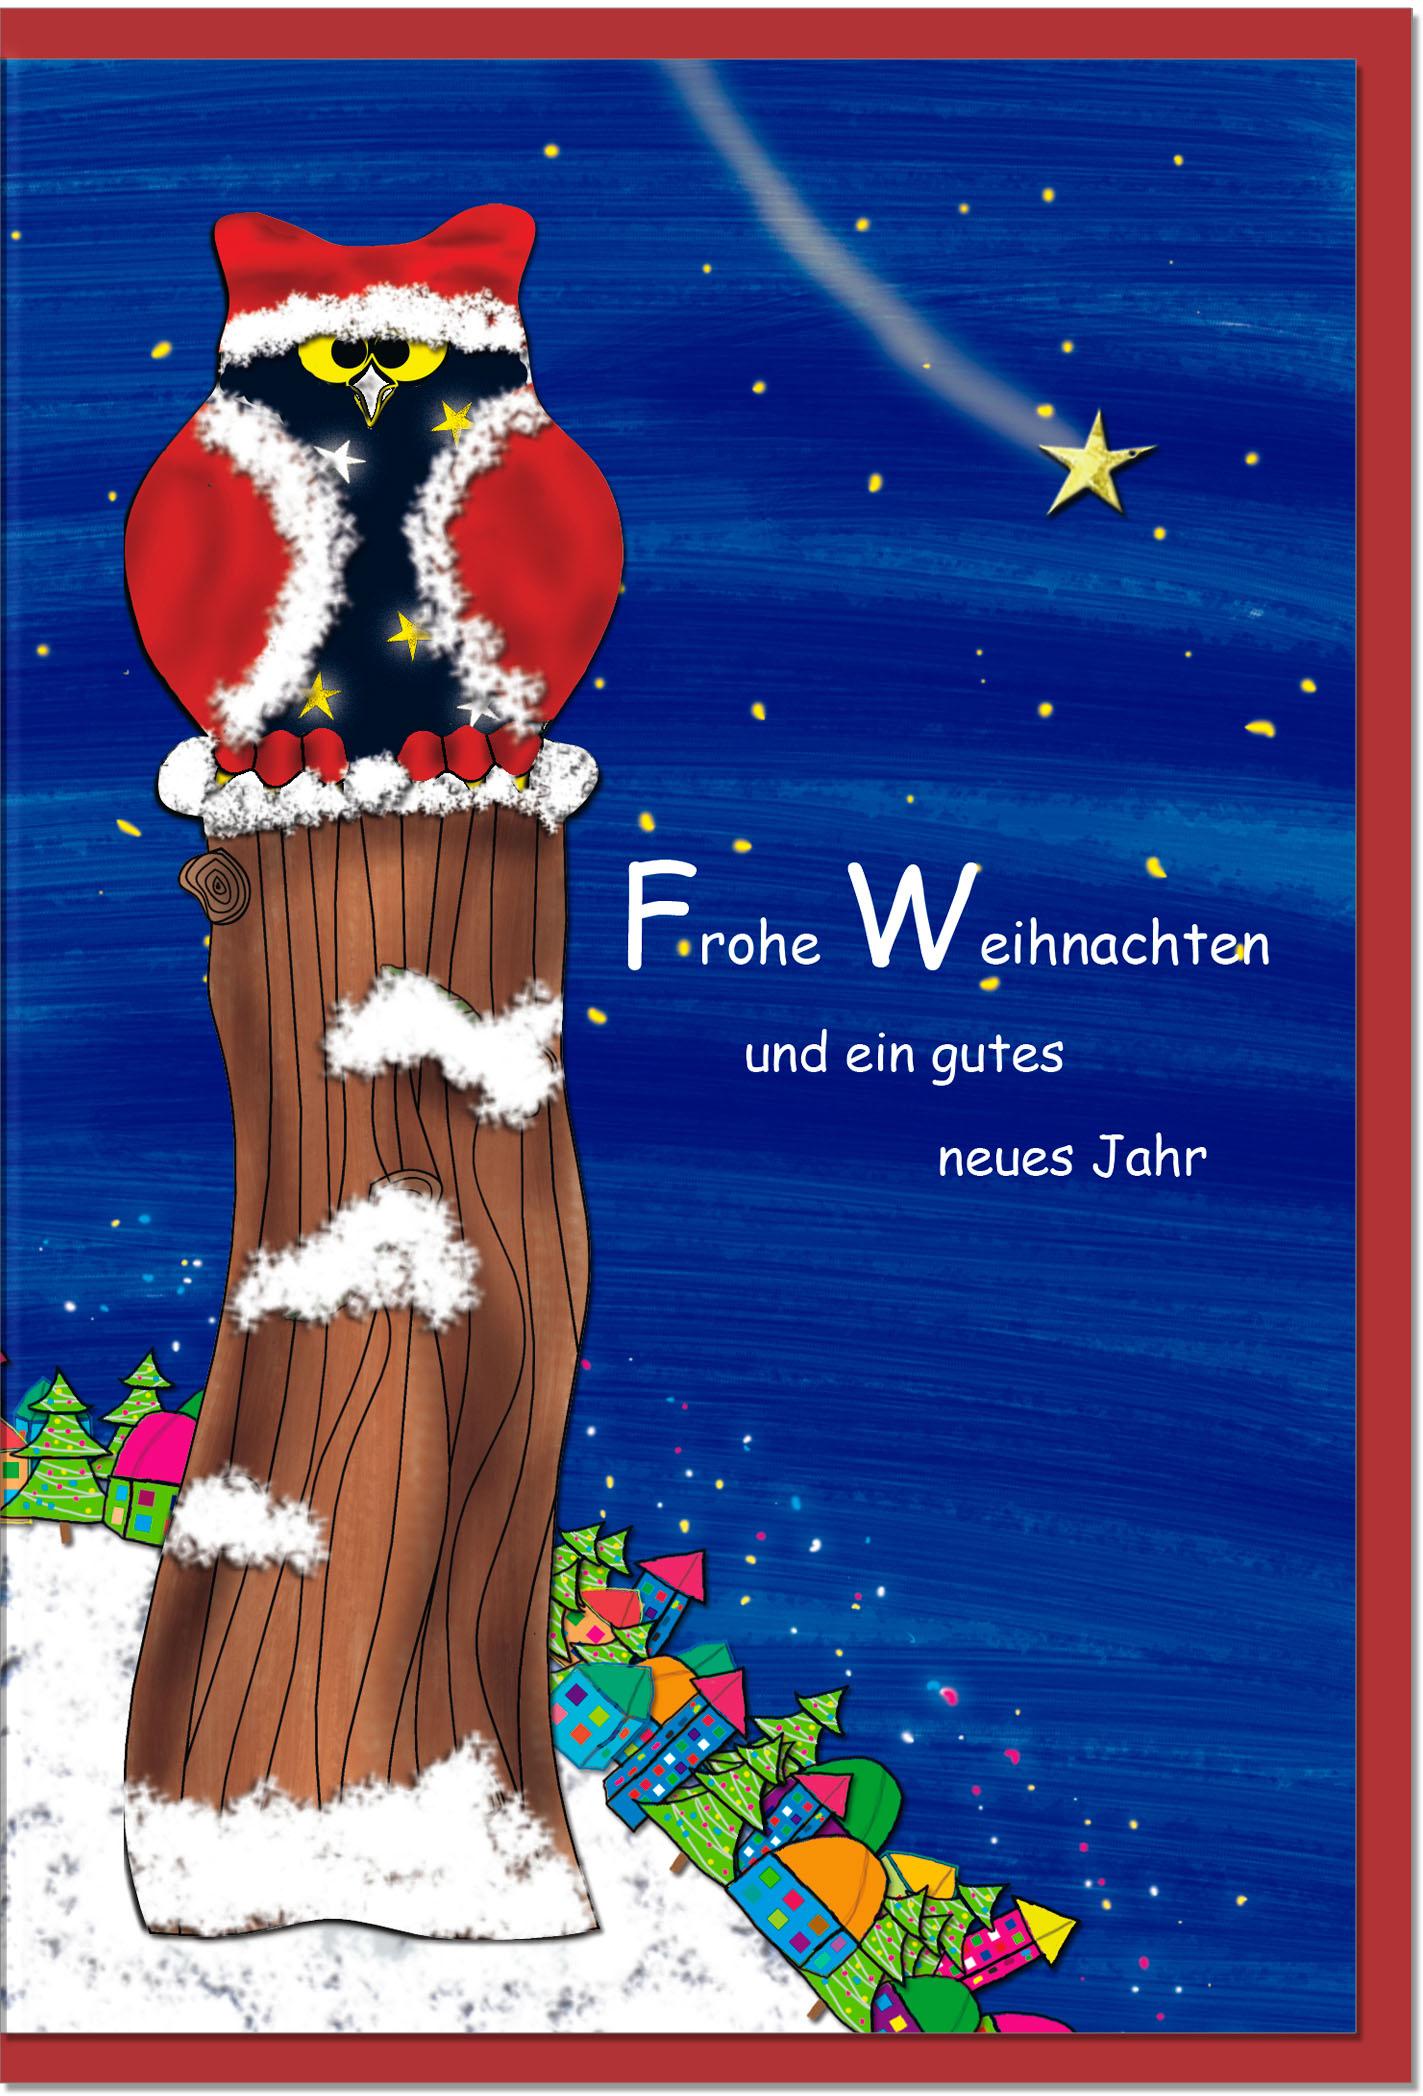 Weihnachtskarten / Grußkarten /Weihnachten Weihnachtliche Eule